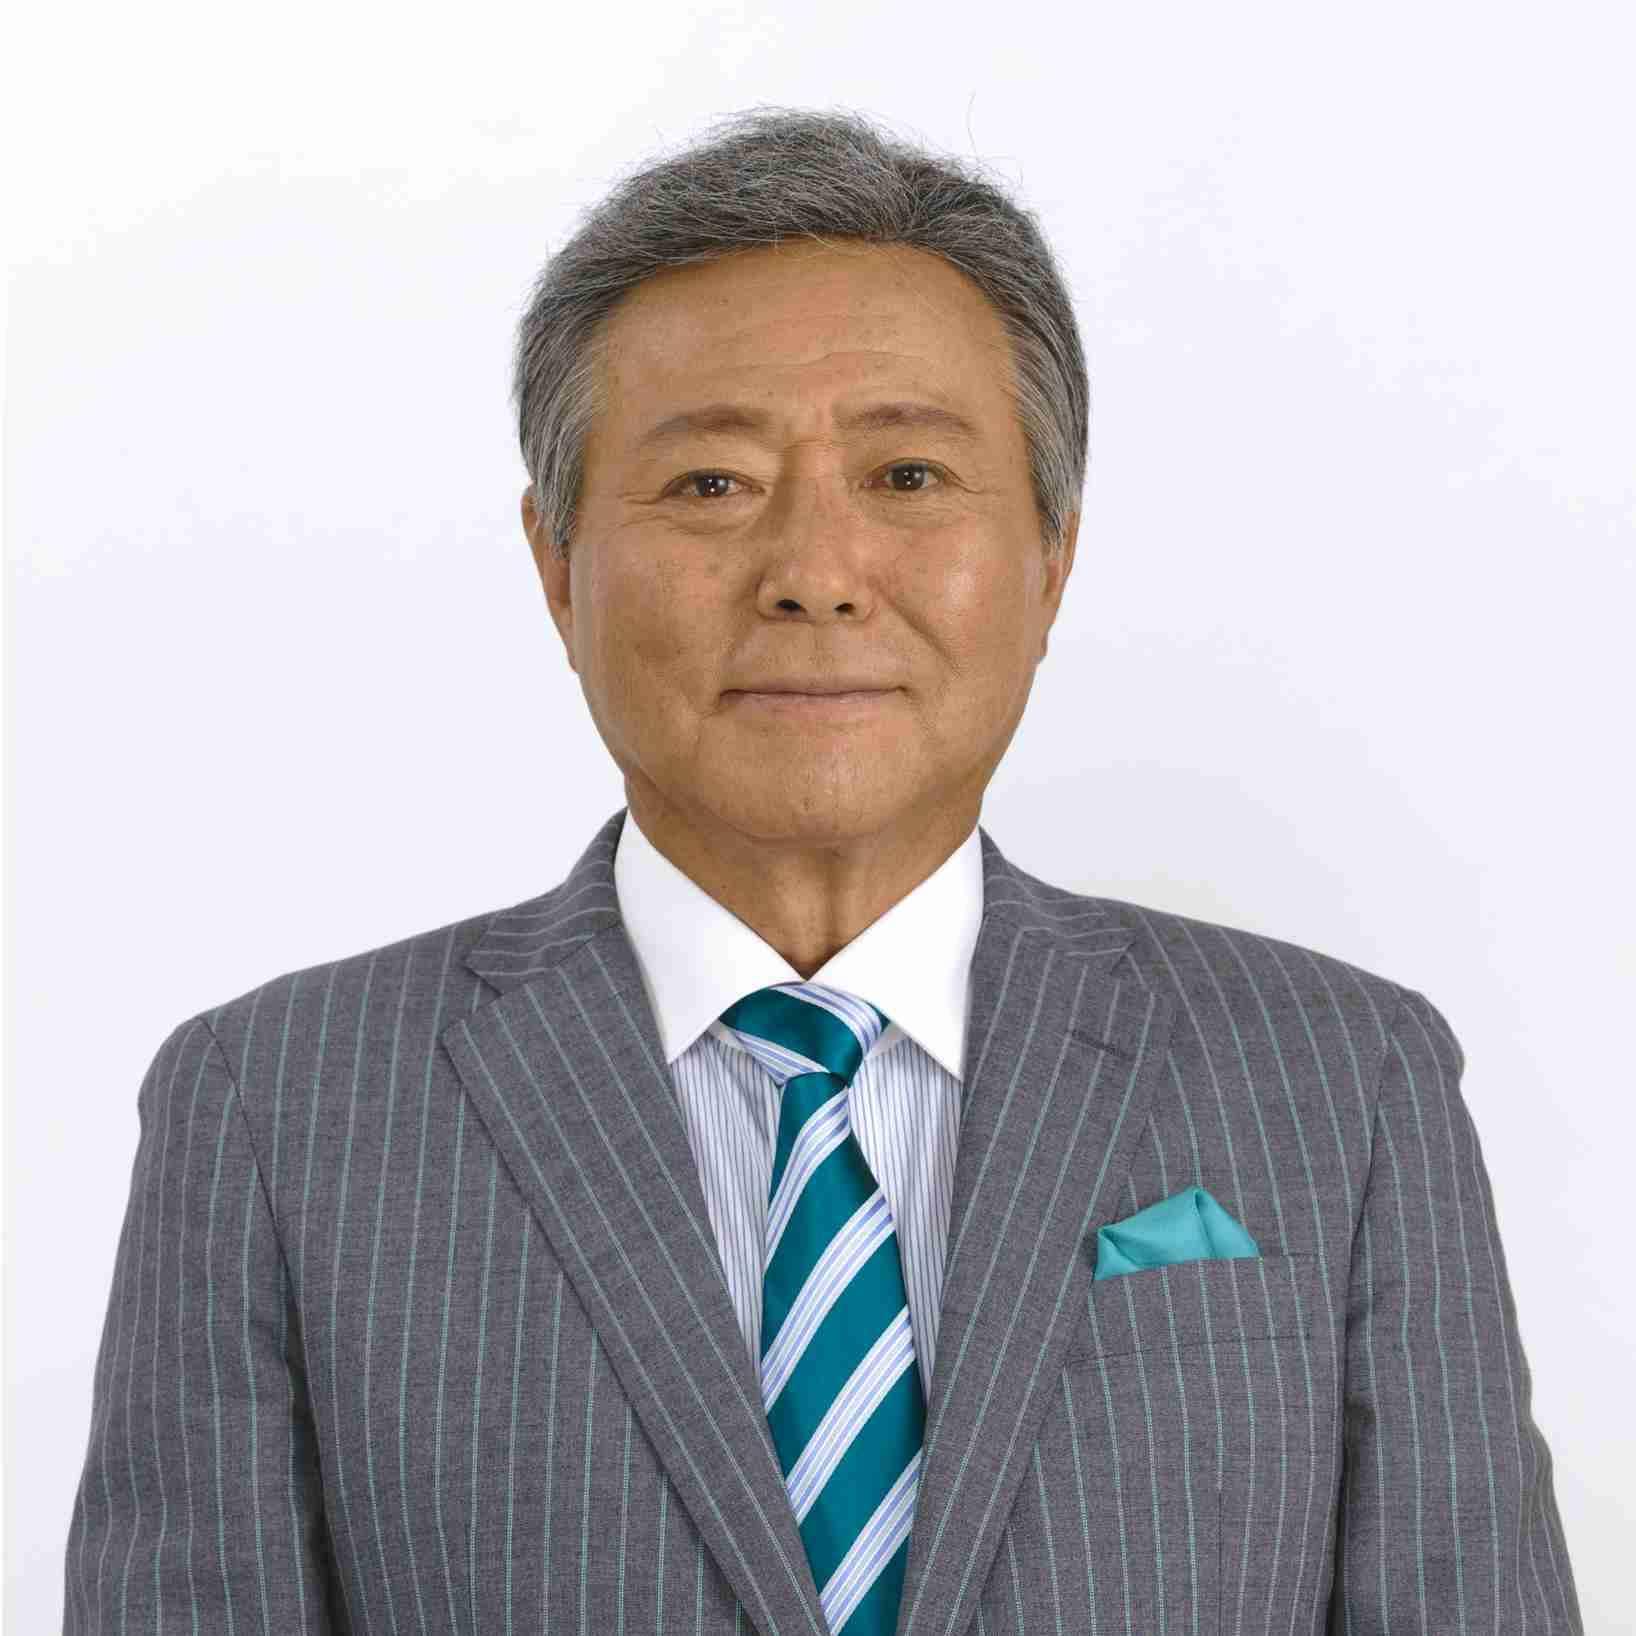 【週刊文春】「とくダネ!」激震!小倉智昭が覚せい剤逮捕の俳優を資金援助